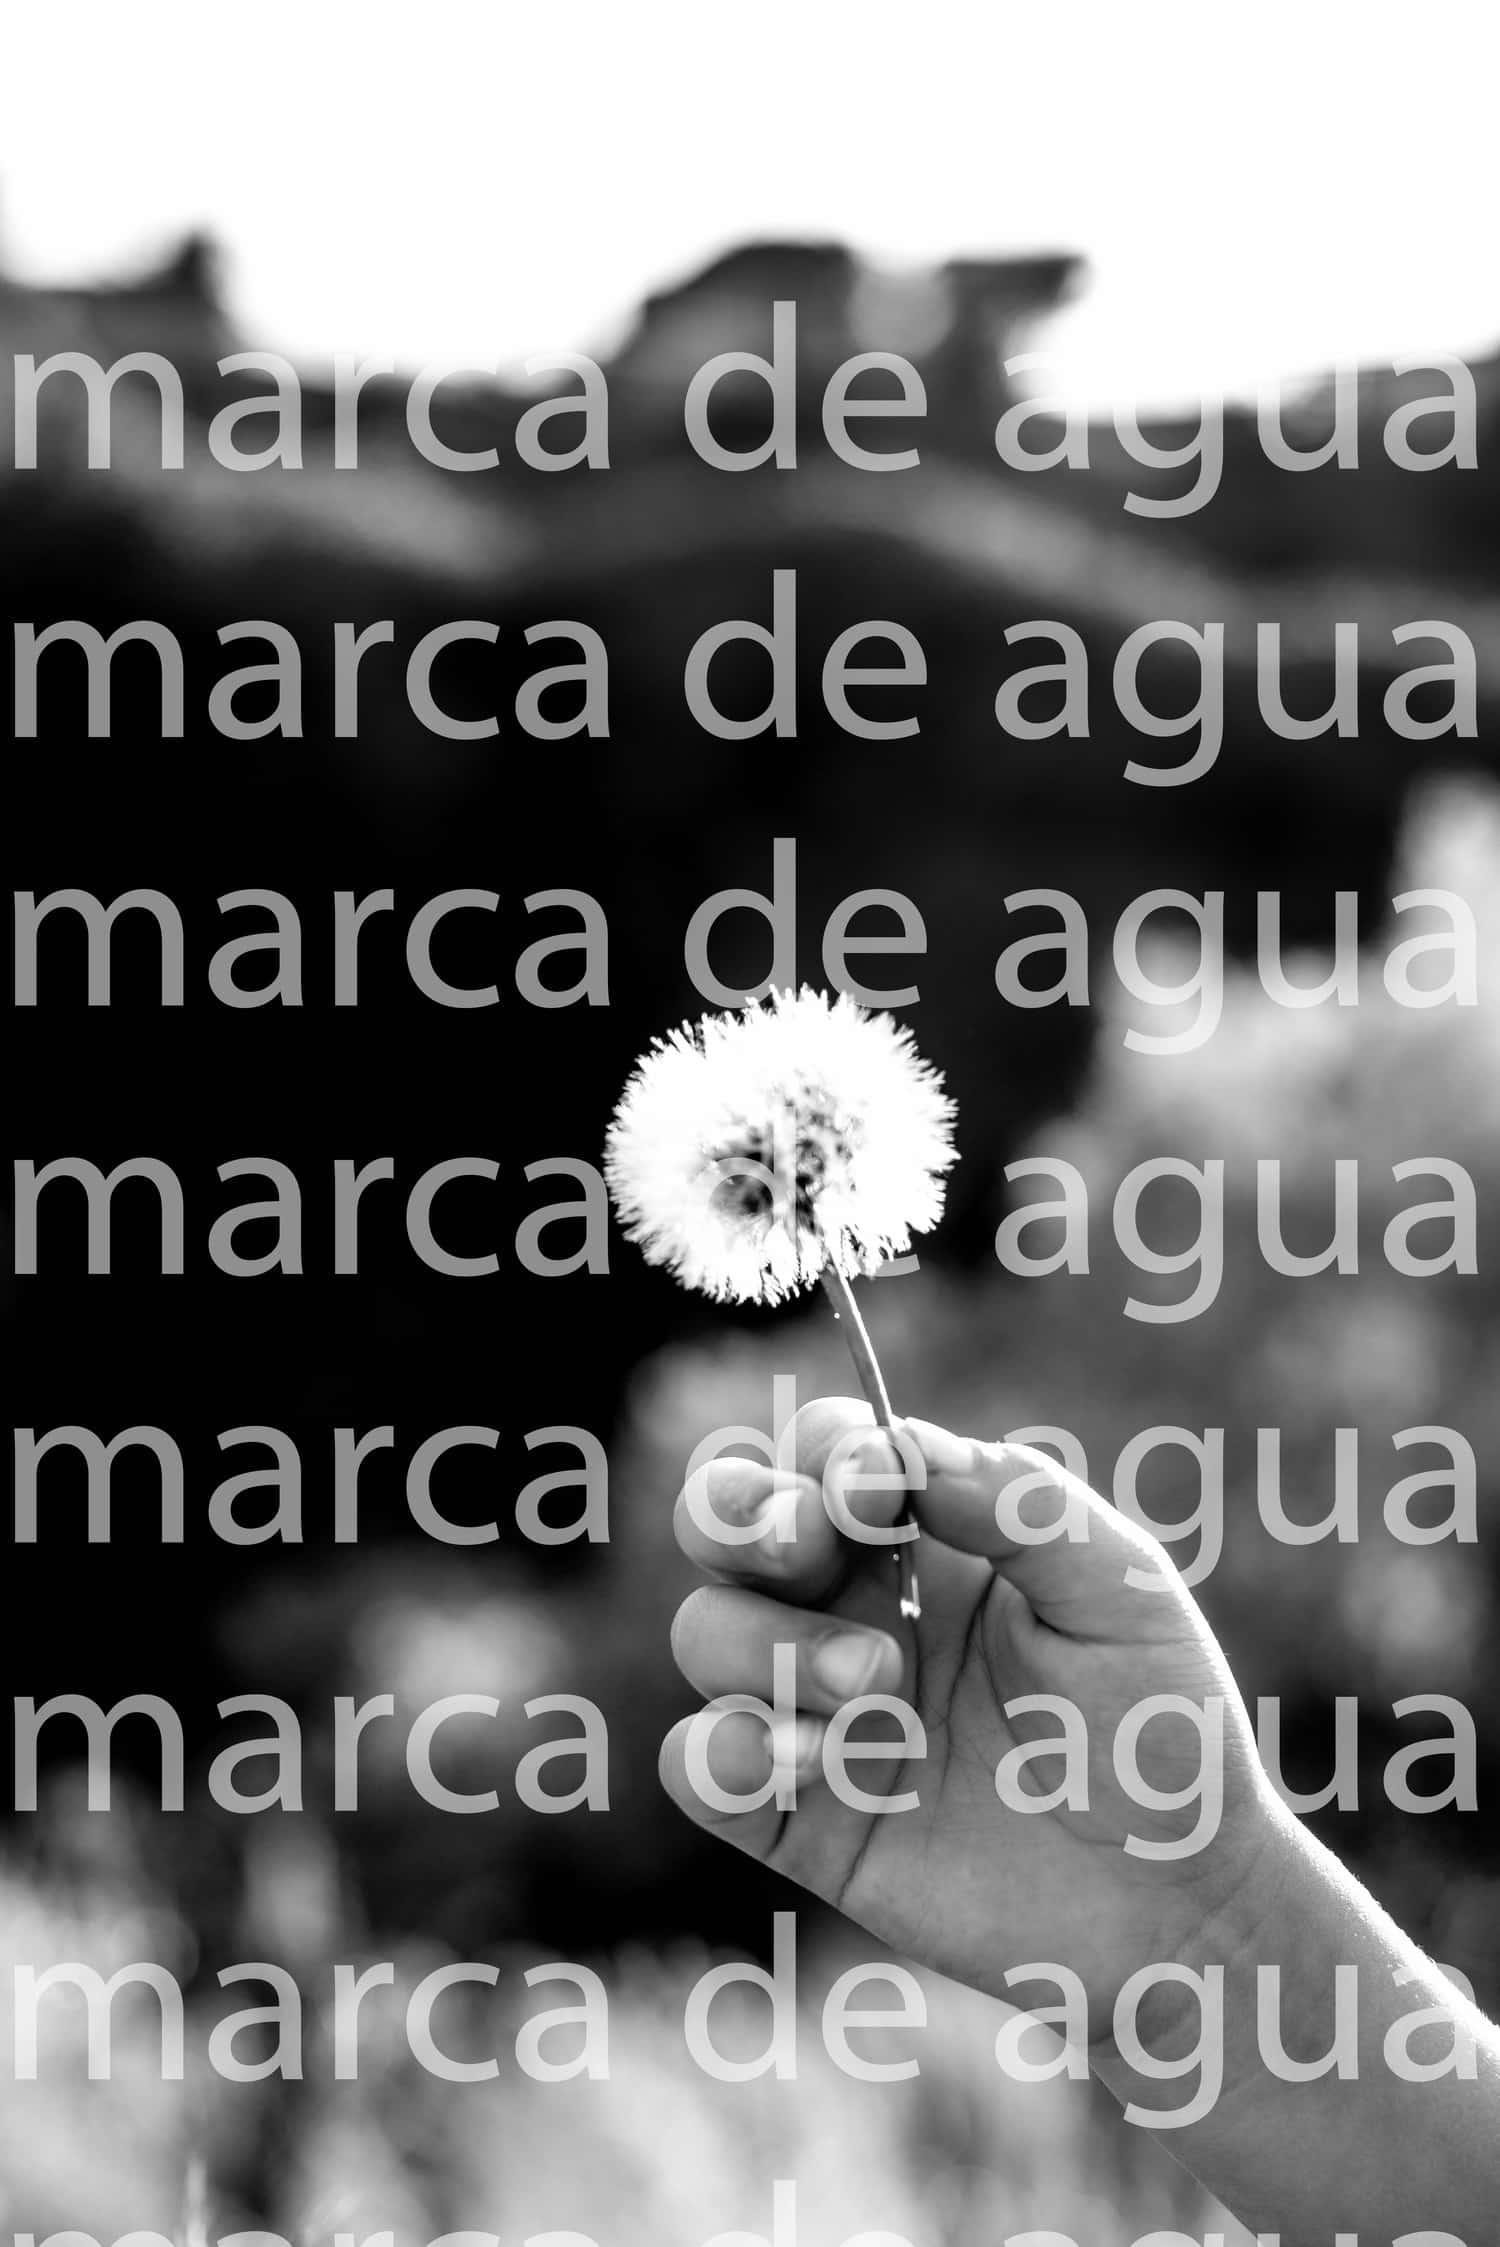 fotografía en blanco y negro marca de agua